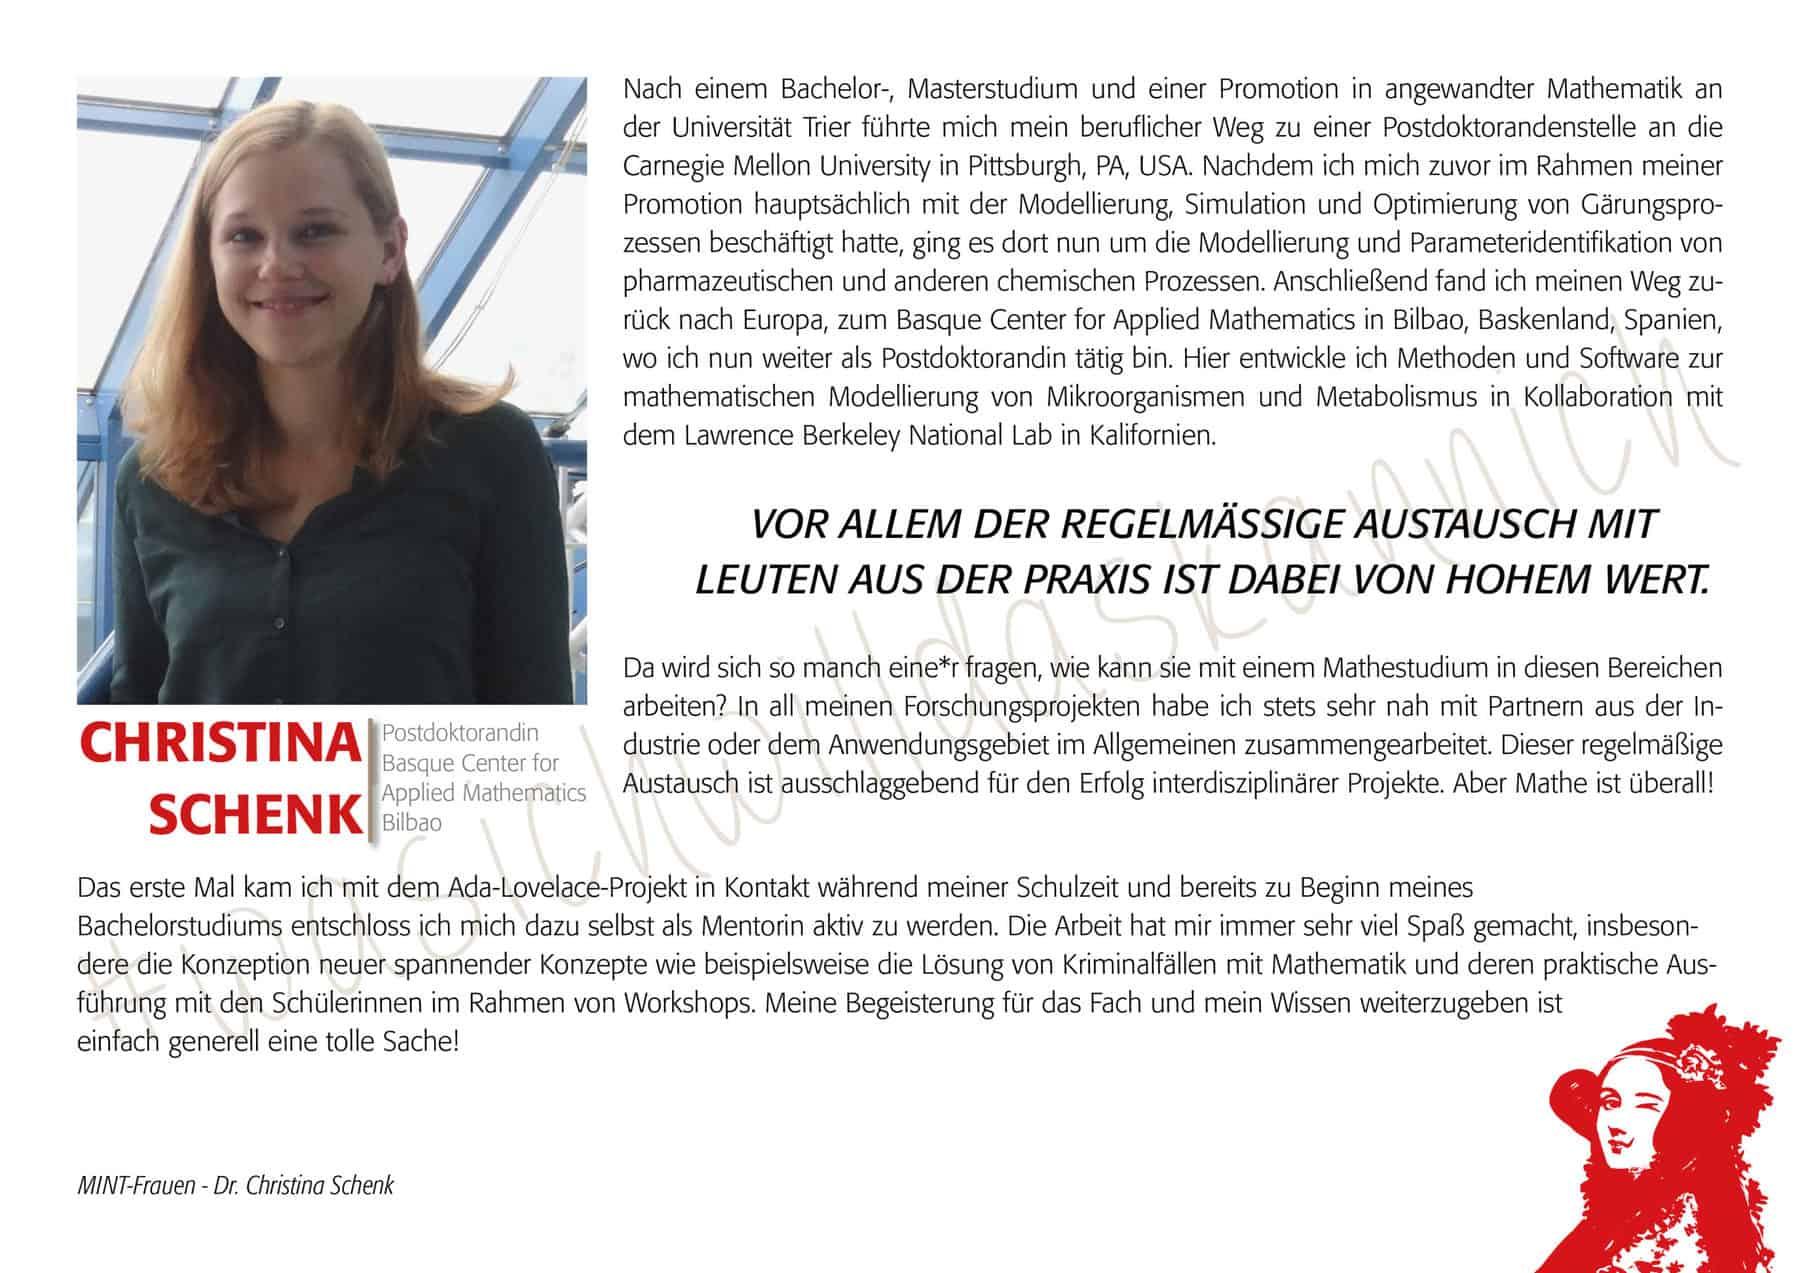 Mintfrau Christinaschenk